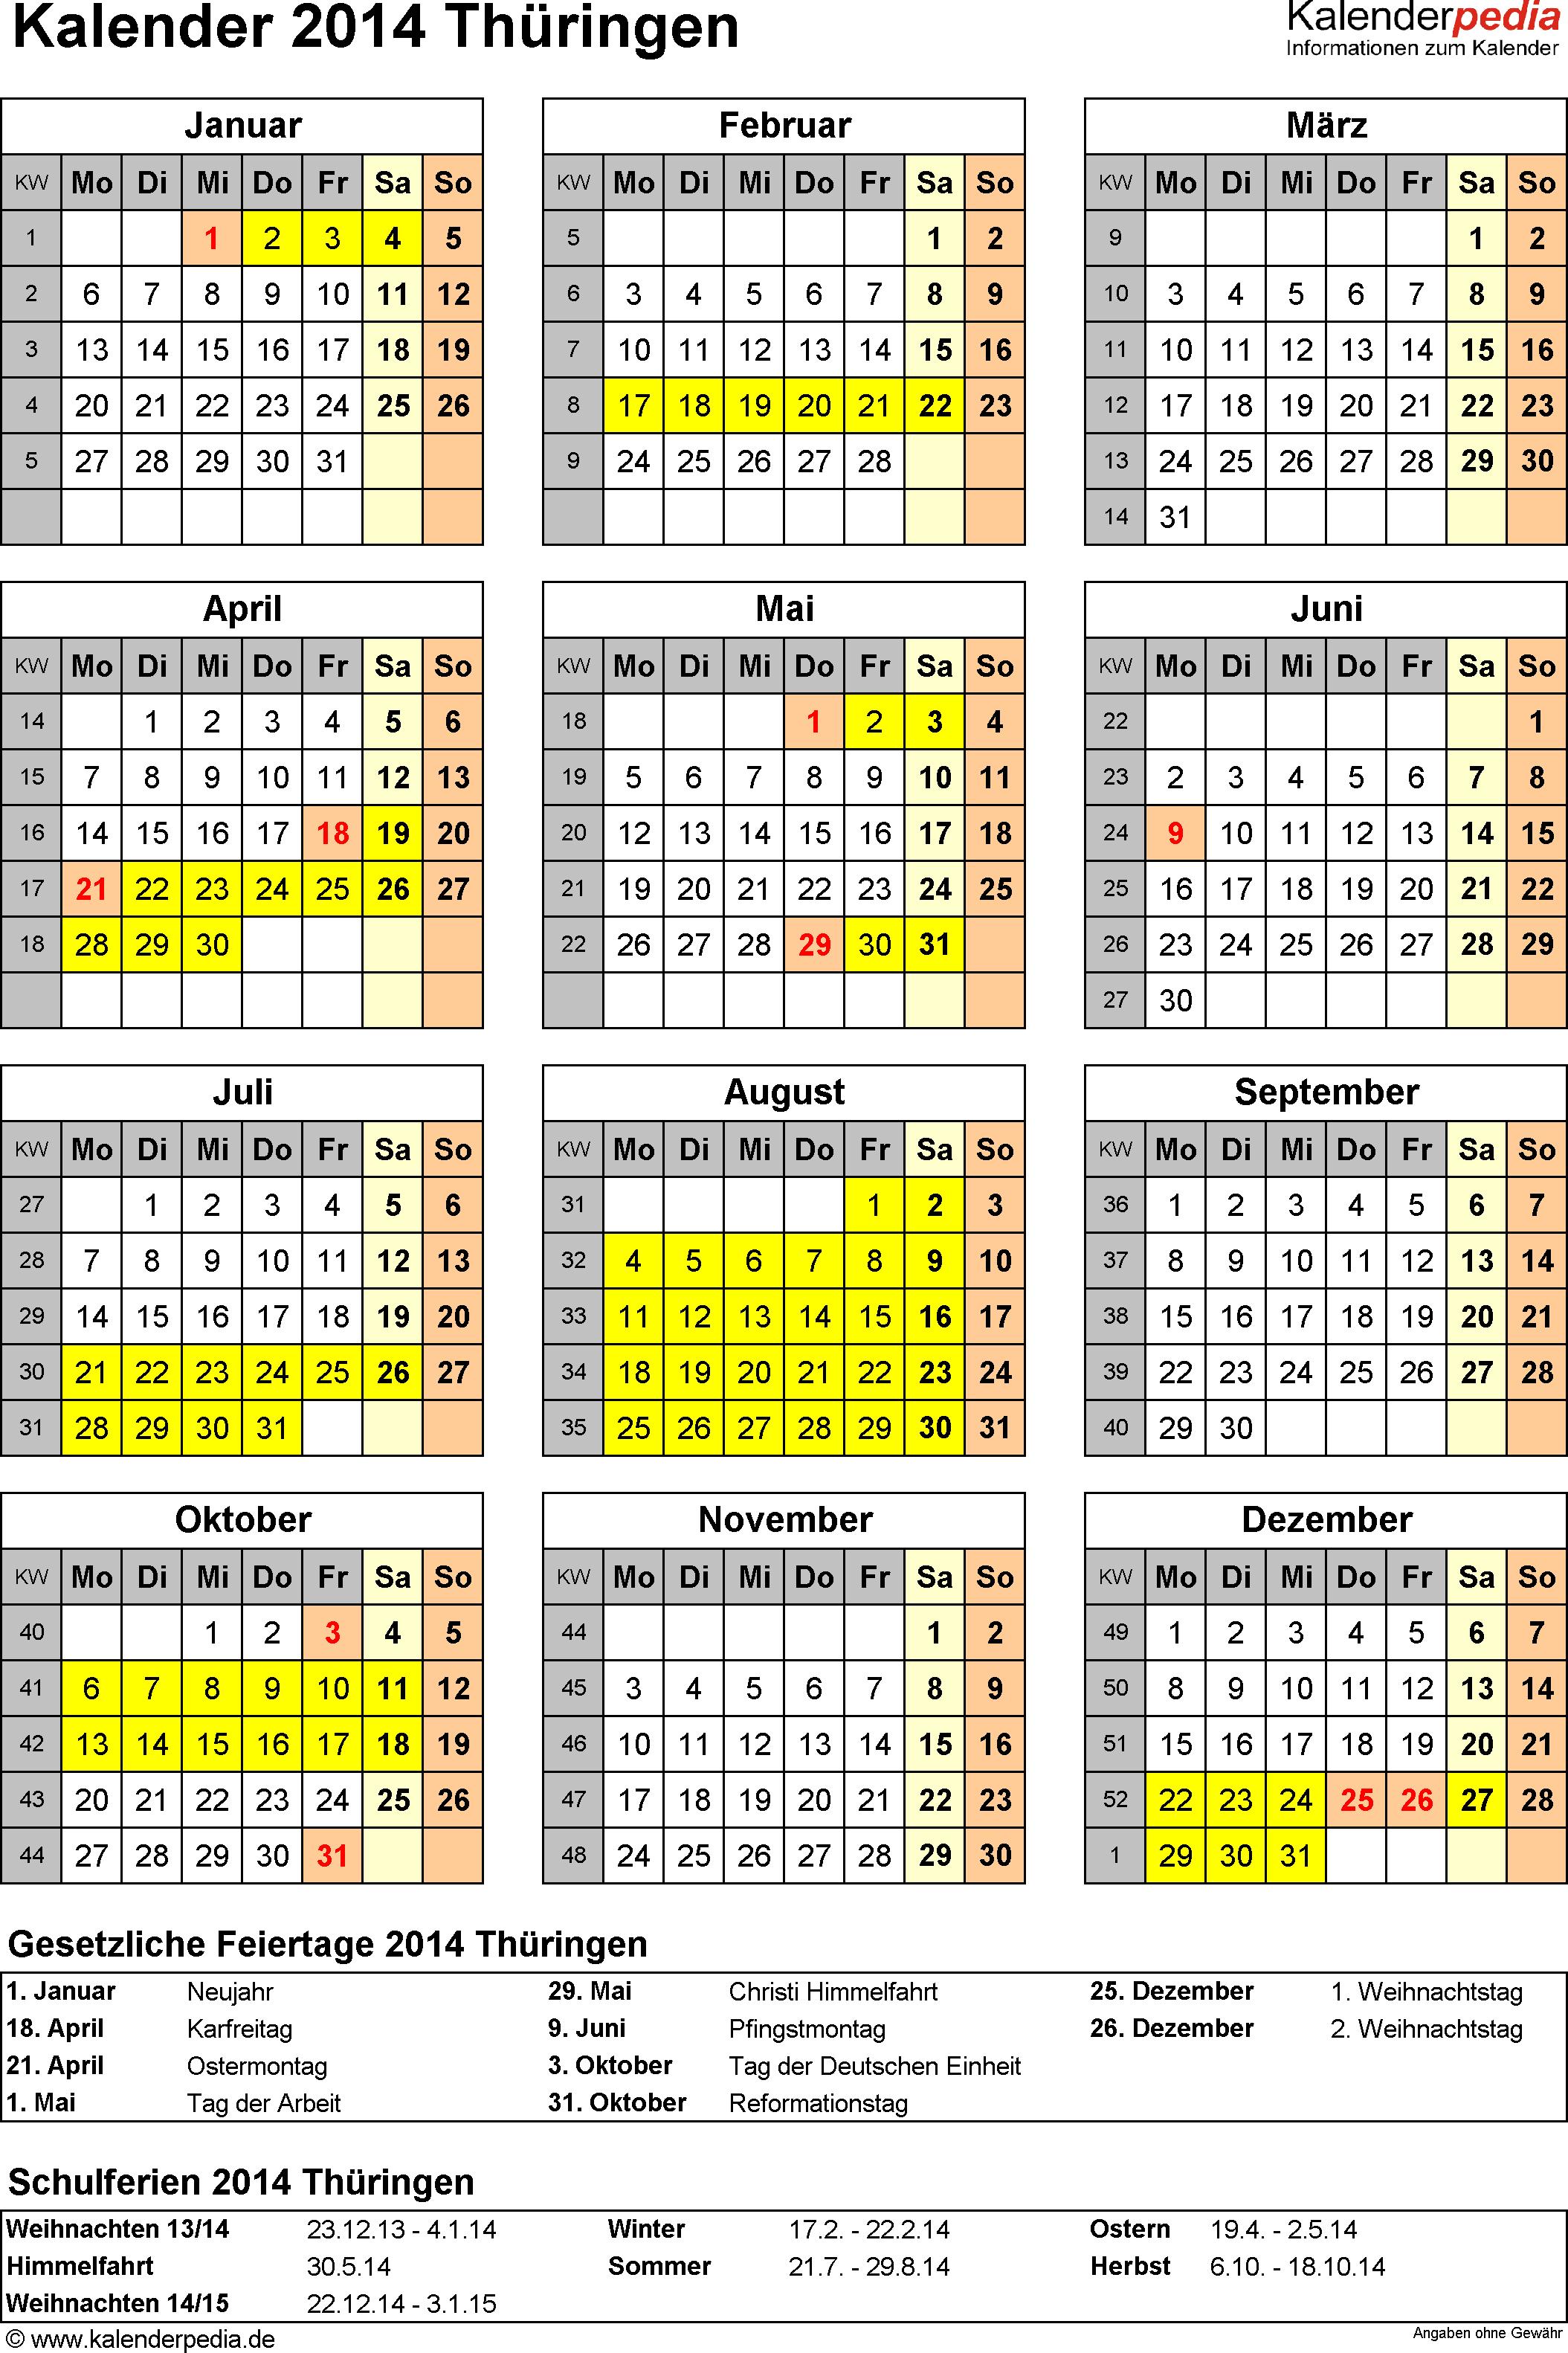 Vorlage 4: Kalender Thüringen 2014 als Word-Vorlage (Hochformat)